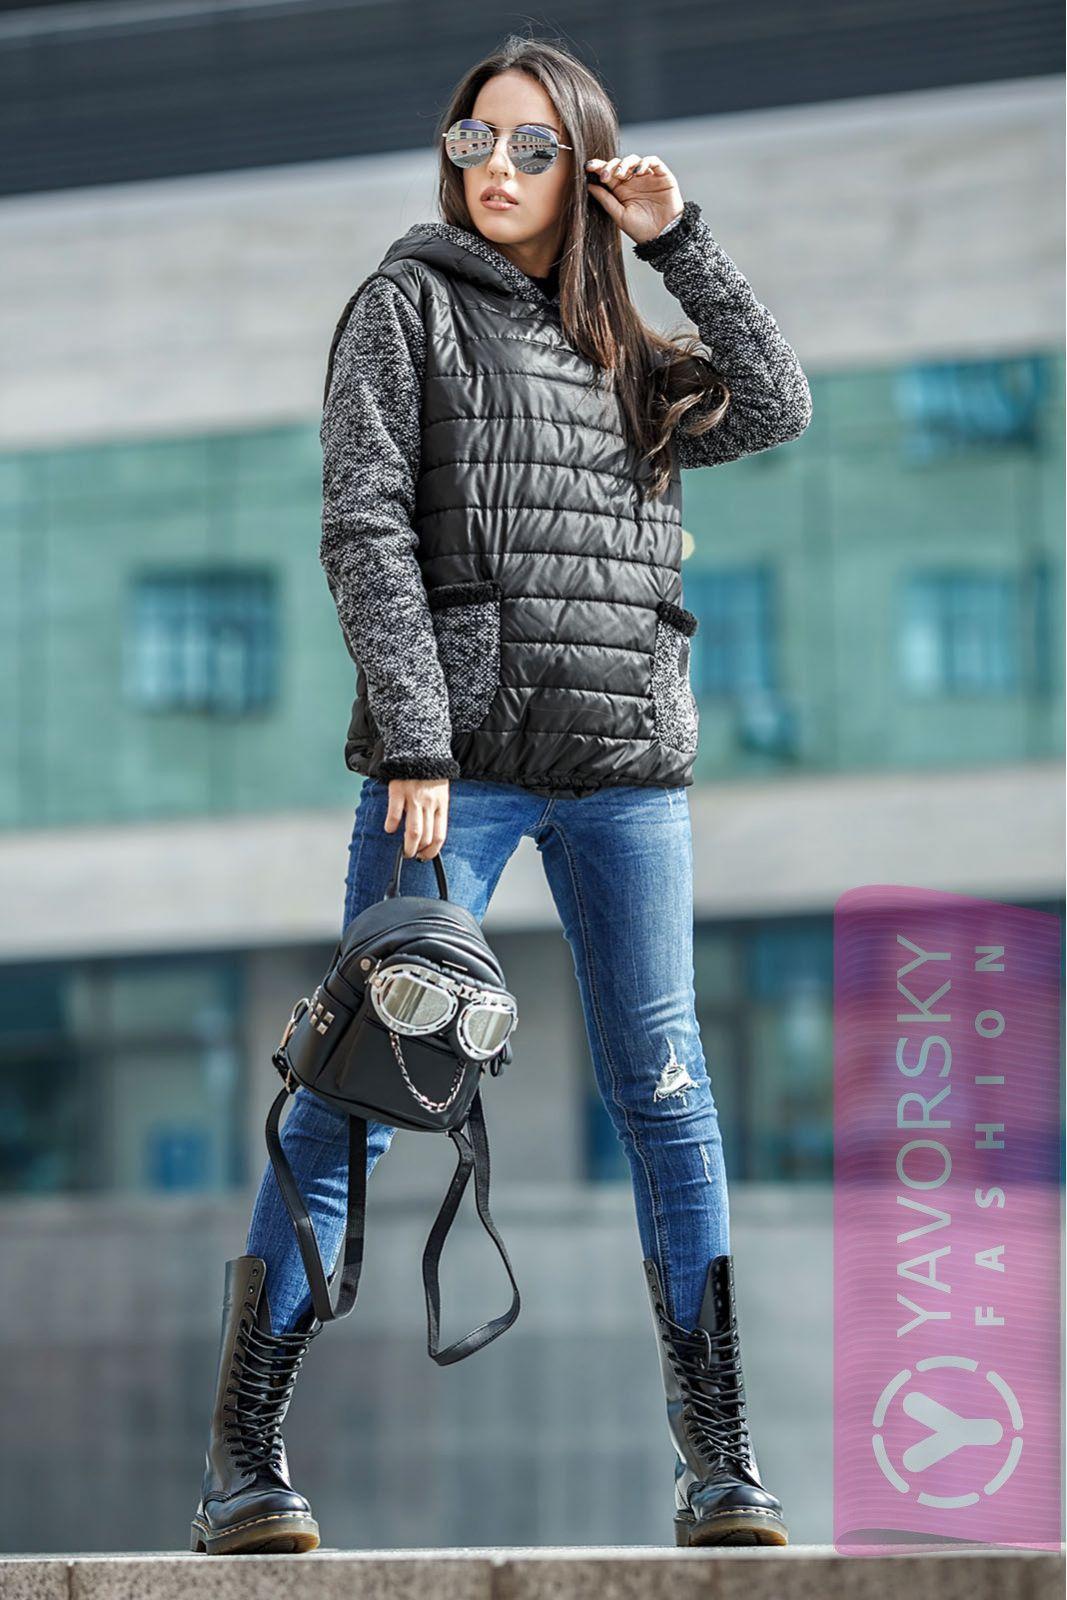 Yavorsky fashion - будь стильной! - Форум совместных покупок ... ff391697375